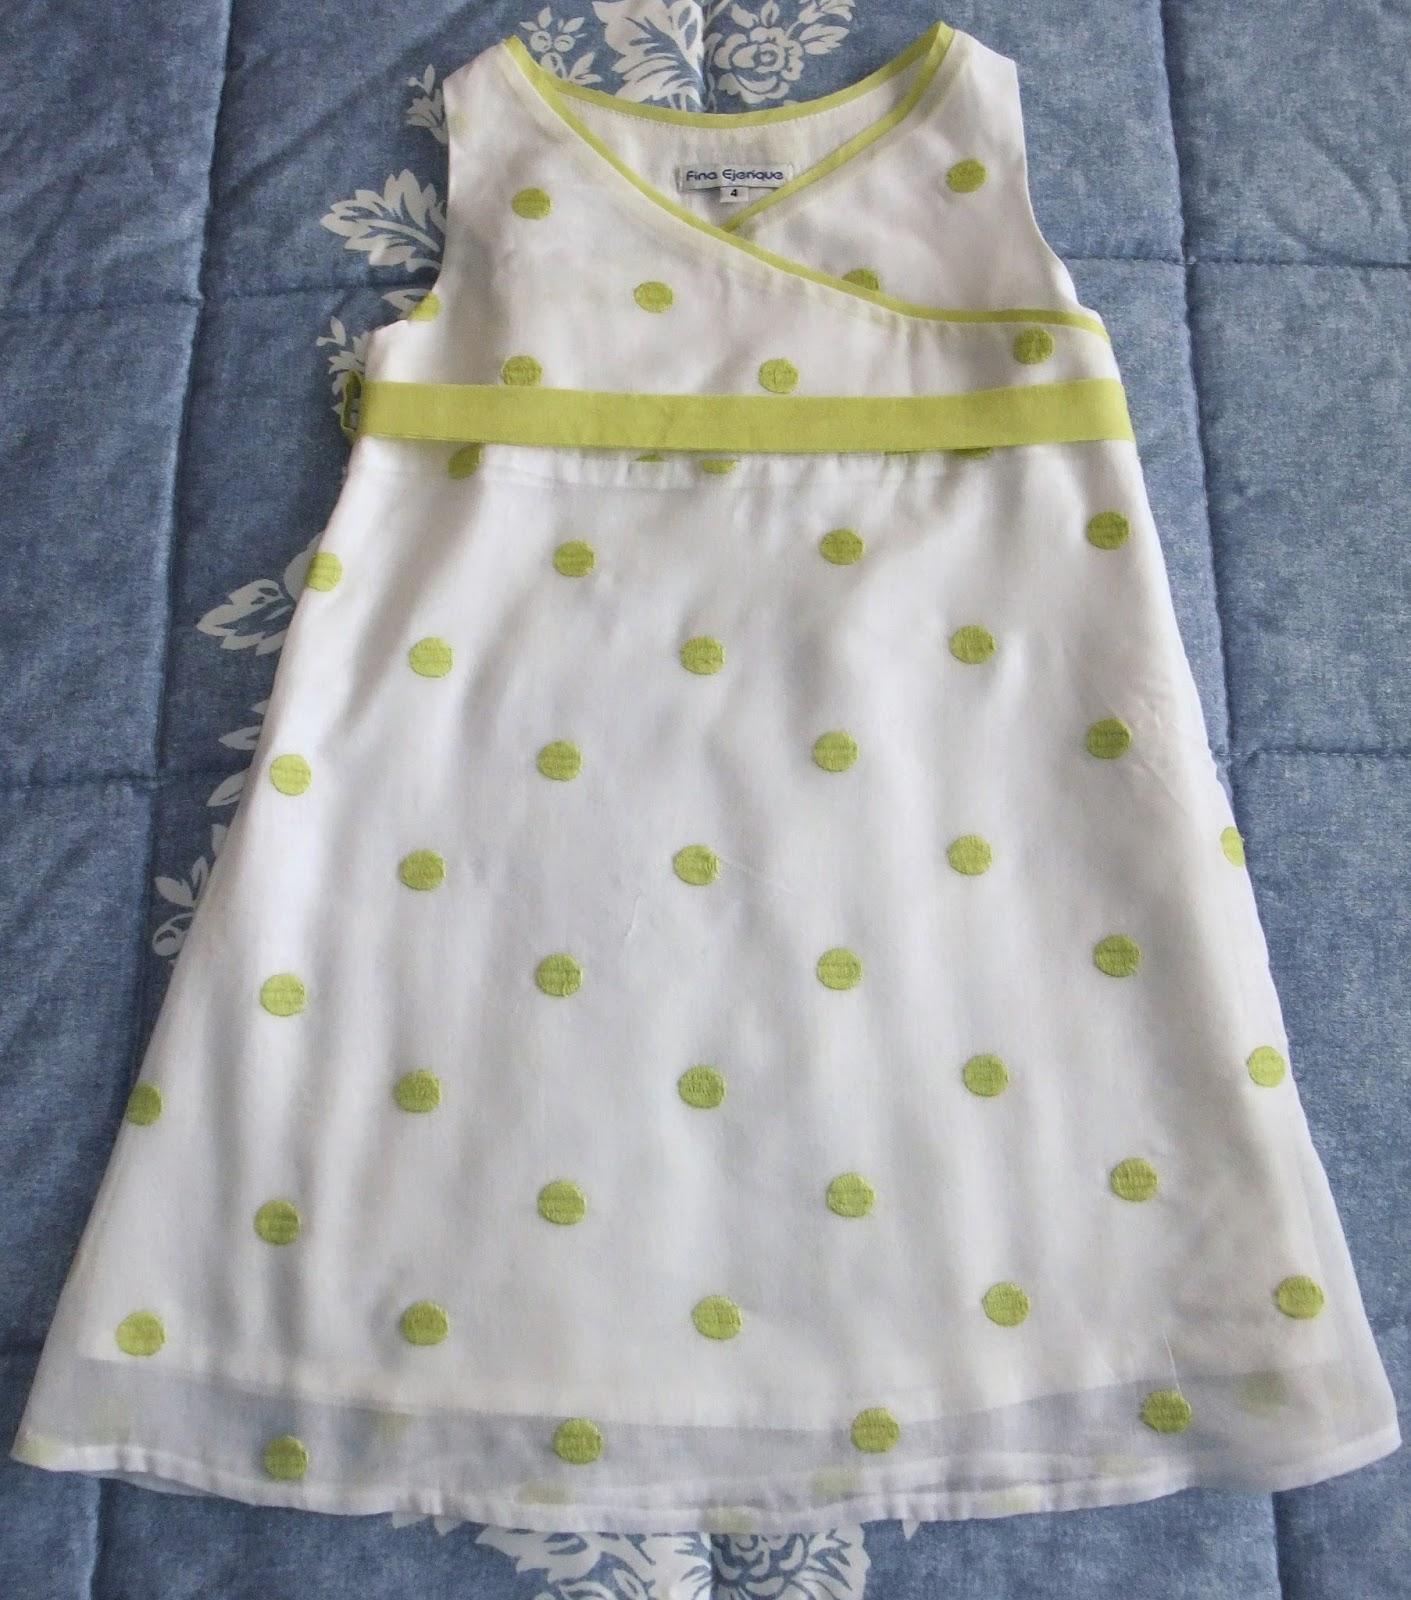 94d4fba95 Vestido Fina Ejerique. Descripción  Precioso vestido de plumeti en color  blanco roto y sobre ella están bordados los bodoques en verde pistacho.